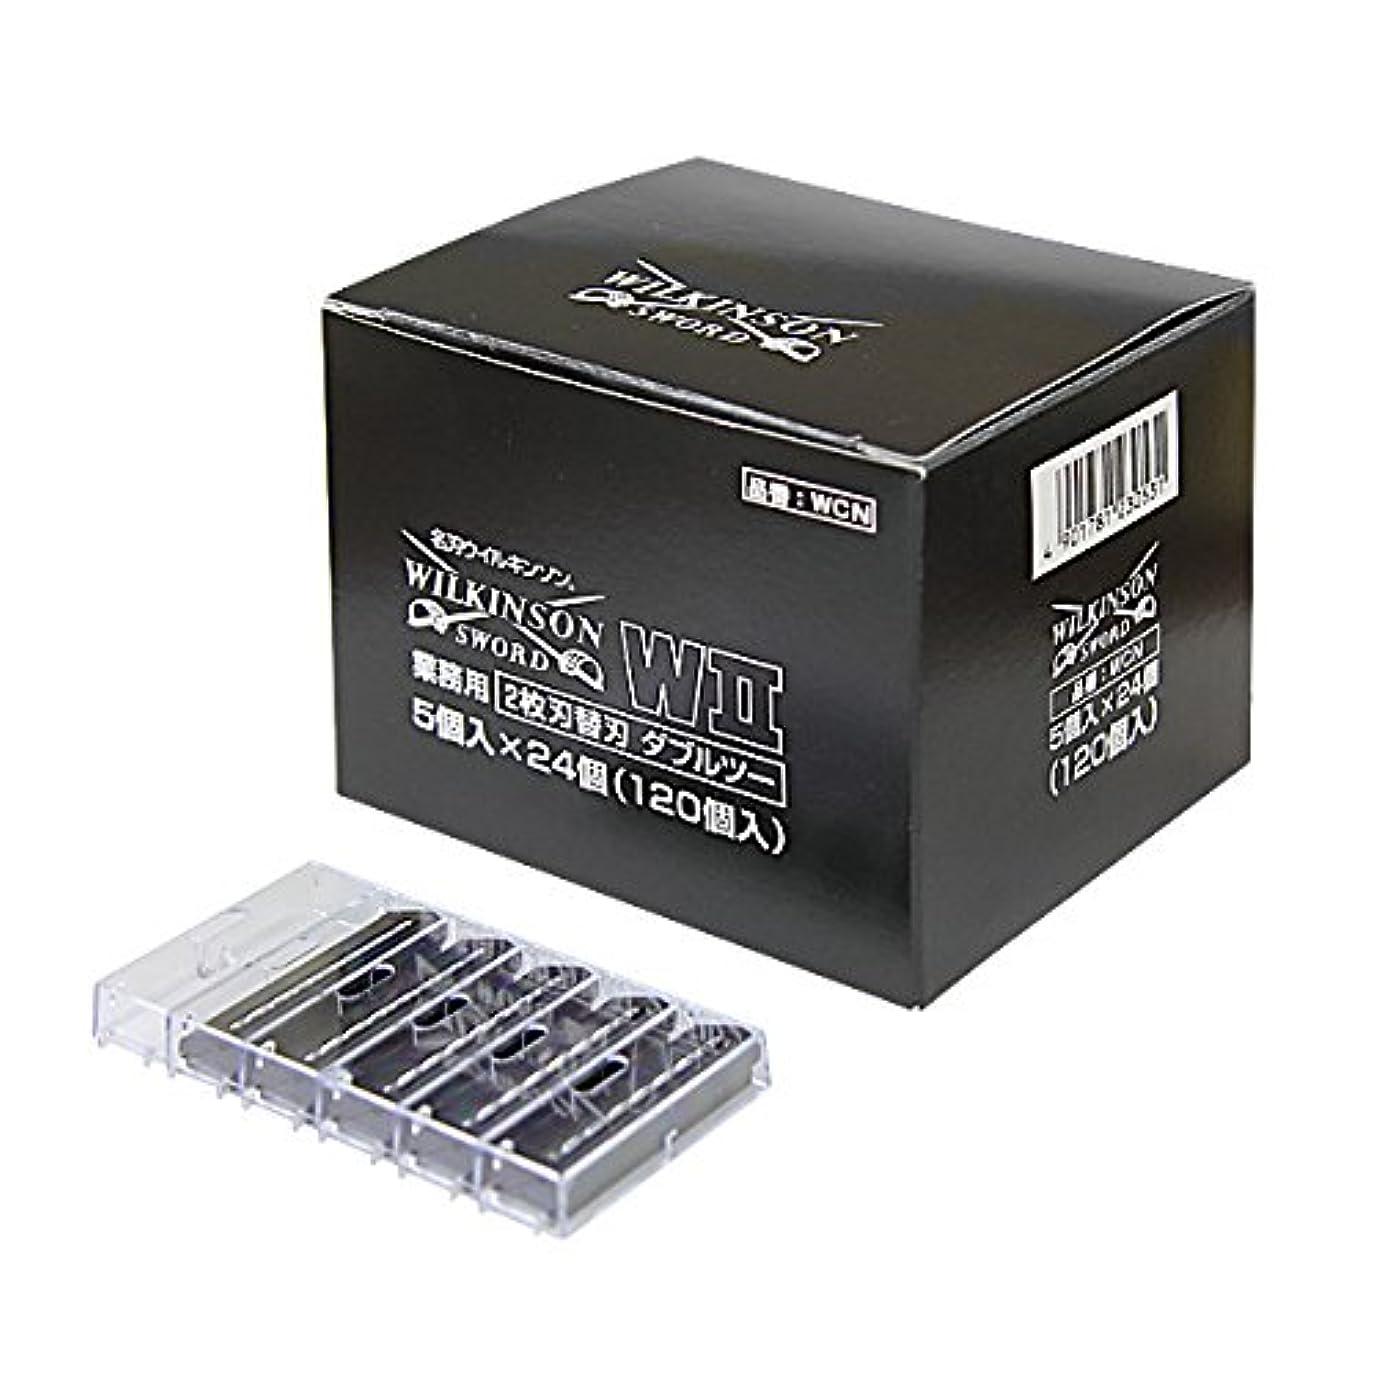 不承認アルバム疑わしいウィルキンソン?ソード W2(ダブルツー)替刃 5個×24(1箱120個)二枚刃式 WILKINSON W2